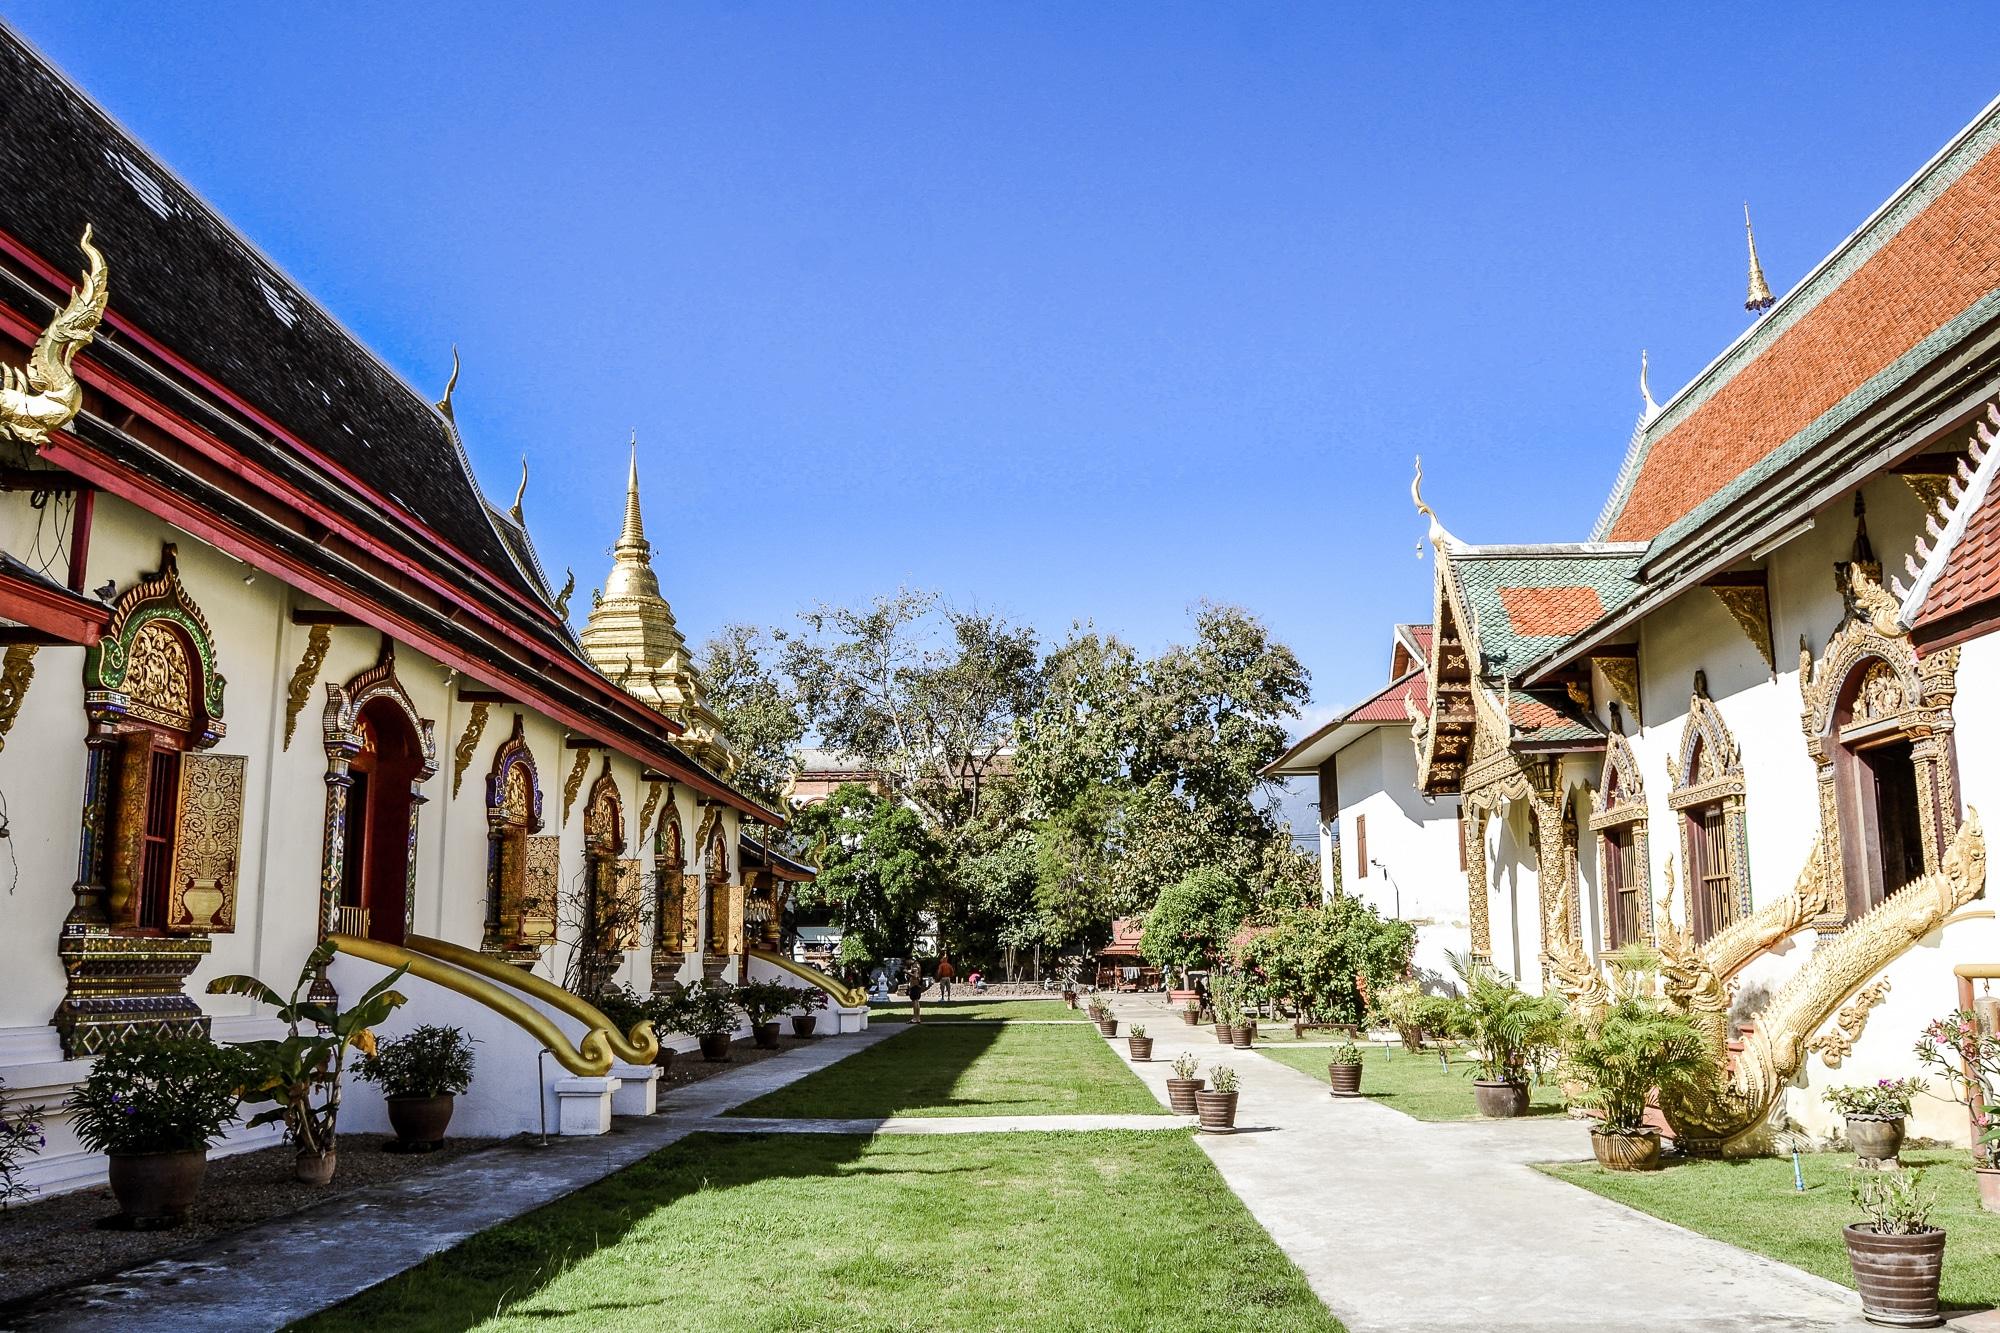 Buddhistischer Tempel in Thailand